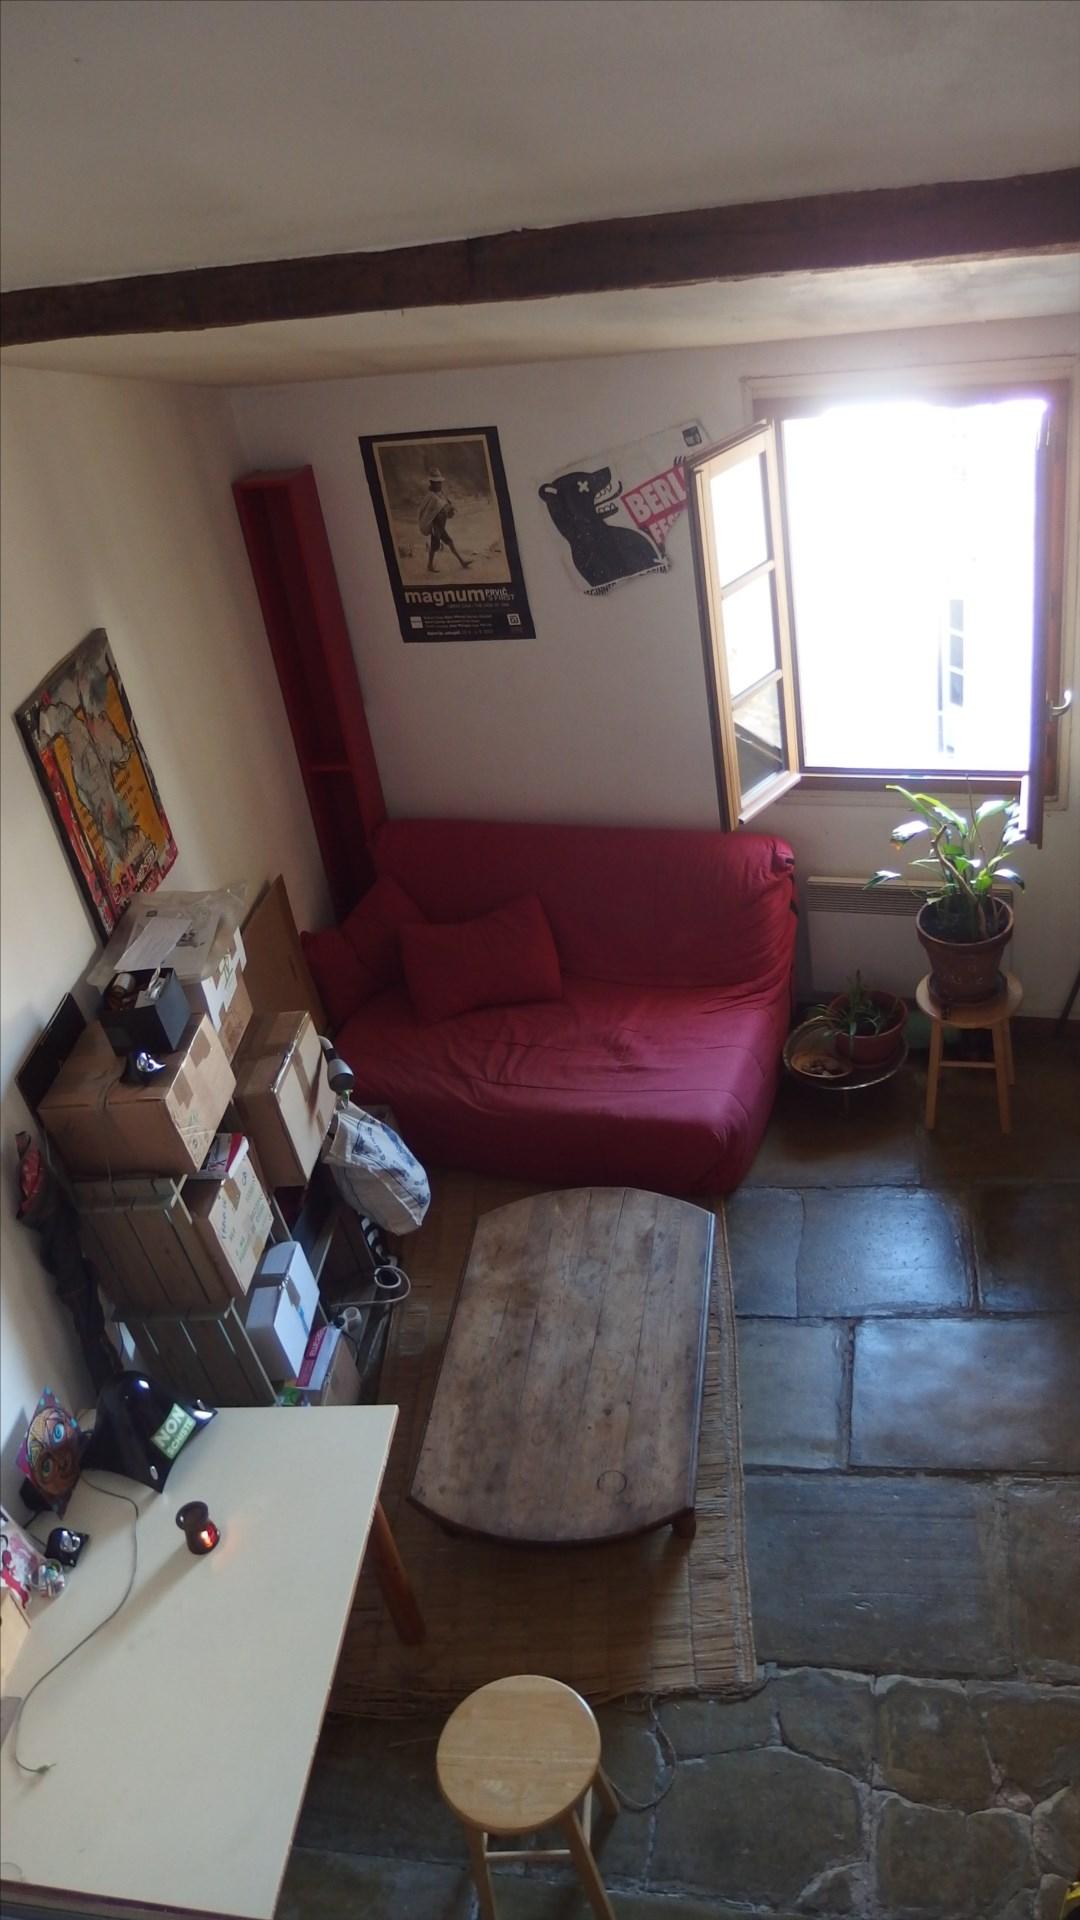 Location Appartement MONTPELLIER surface habitable de 19 m²